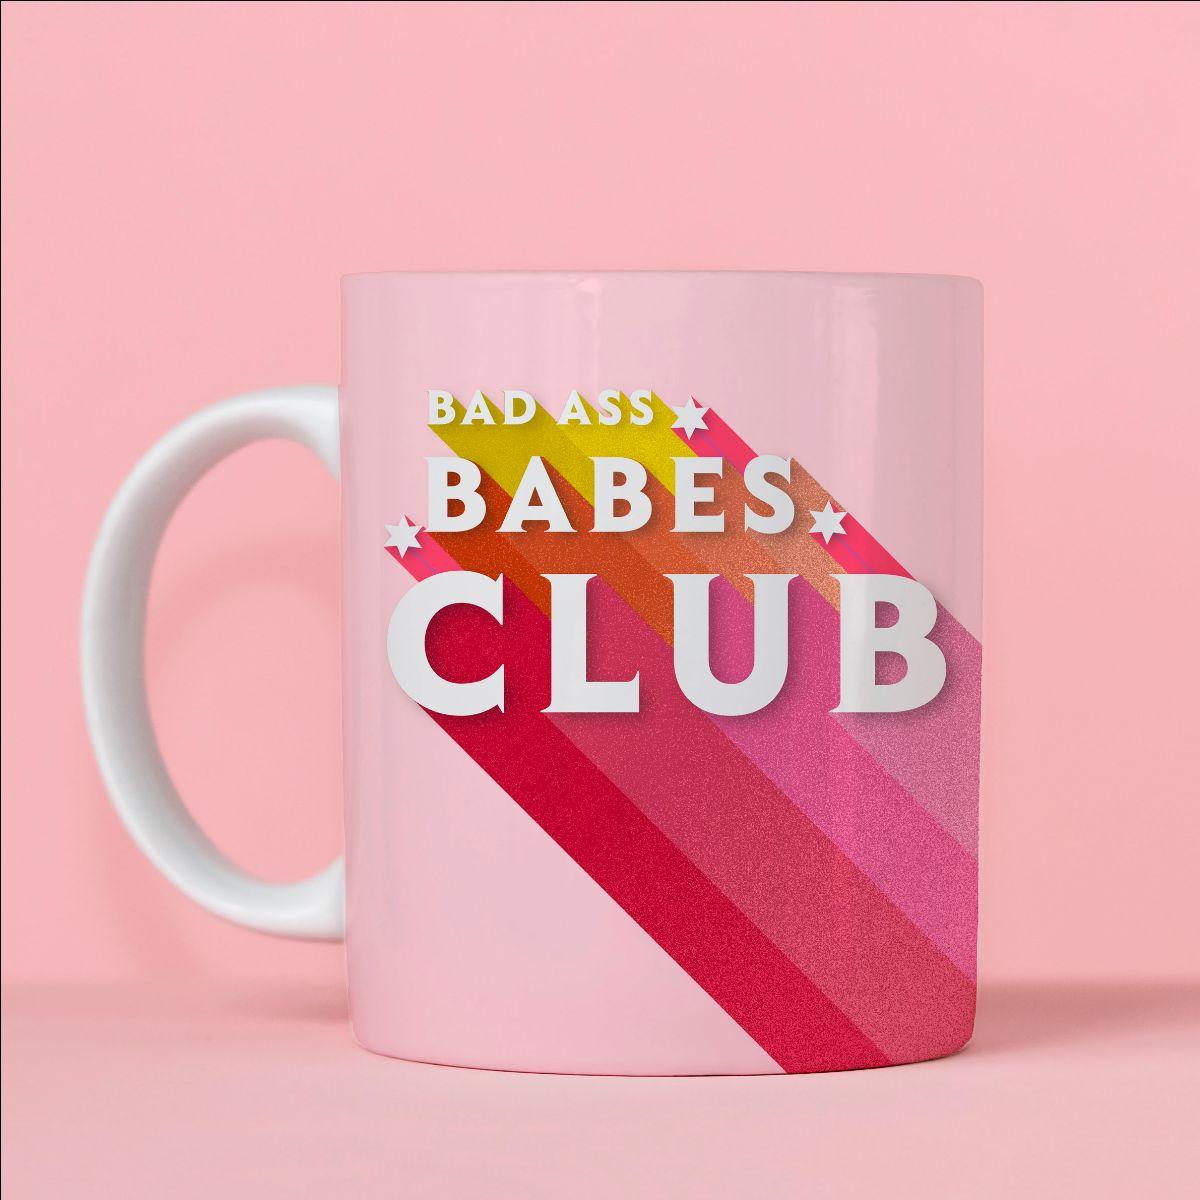 Custom print on mug